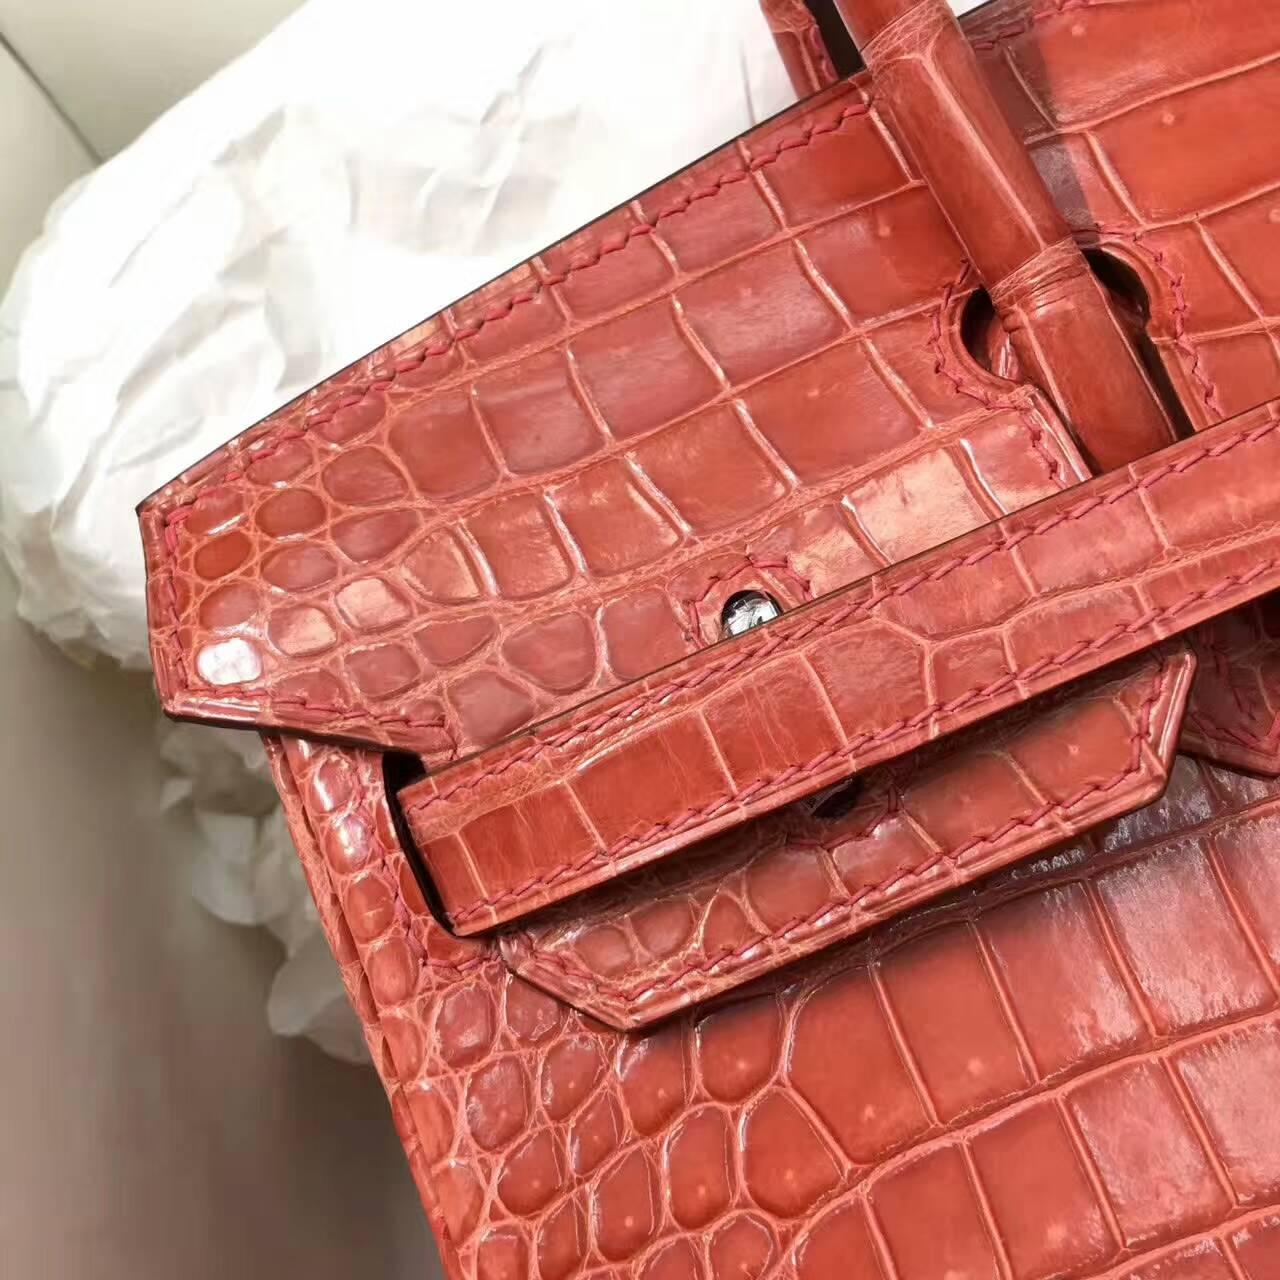 Birkin铂金包 Hermes包包 25cm Shiny Porosus Crocodile 亮面倒V澳洲原产湾鳄 L5 Crevette 龙虾粉 银扣